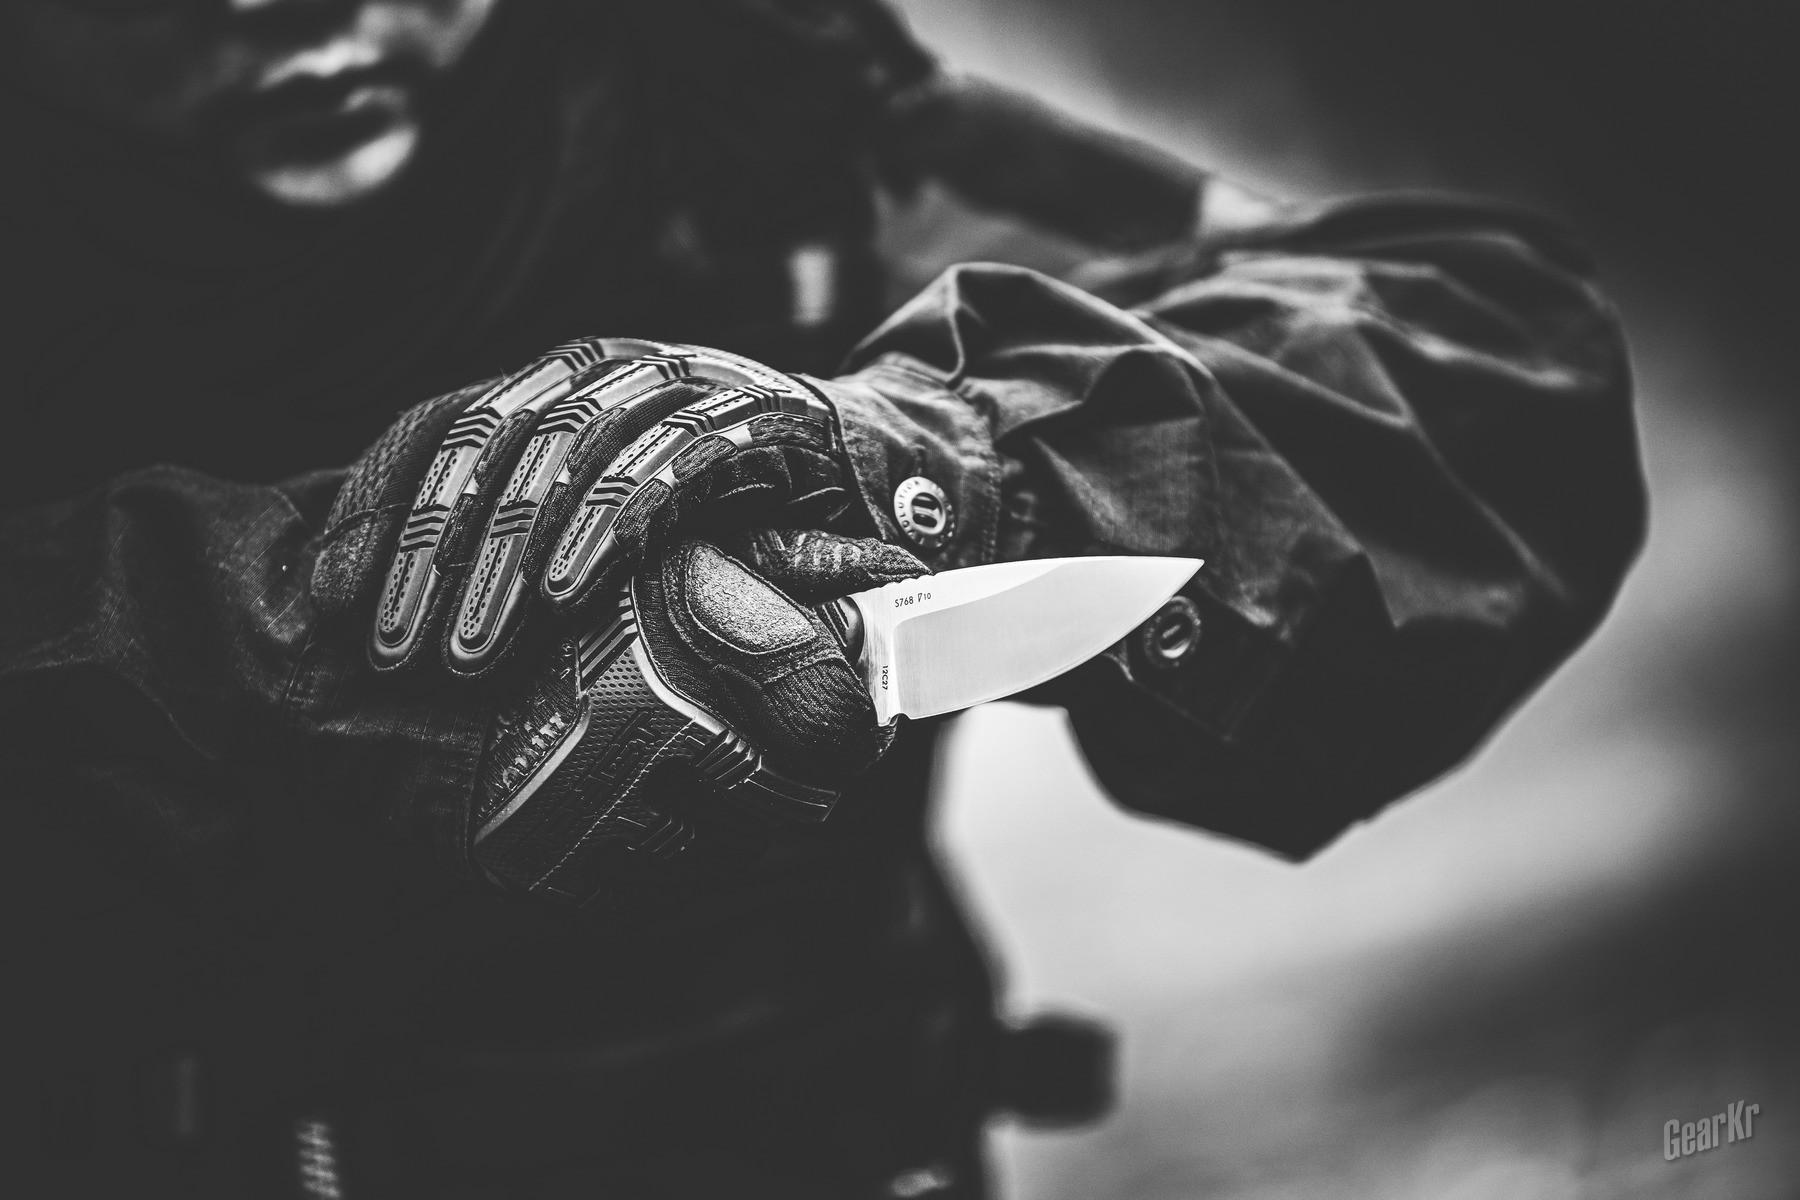 《突袭2》当中的暴力美学,爪刀的前世今生